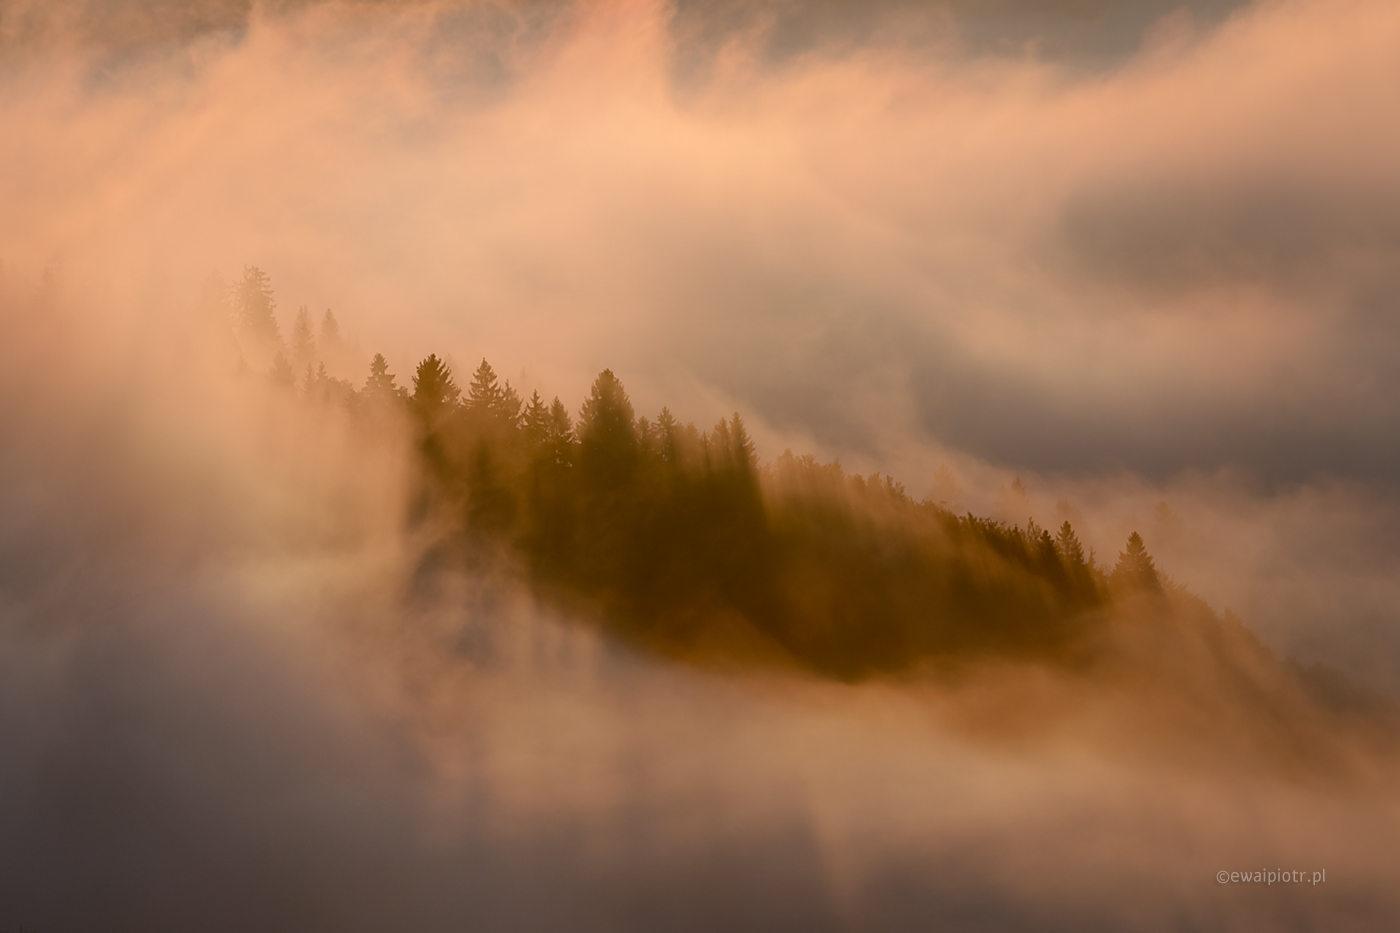 Las we mgle, Słowenia, poprawna ekspozycja i mgła